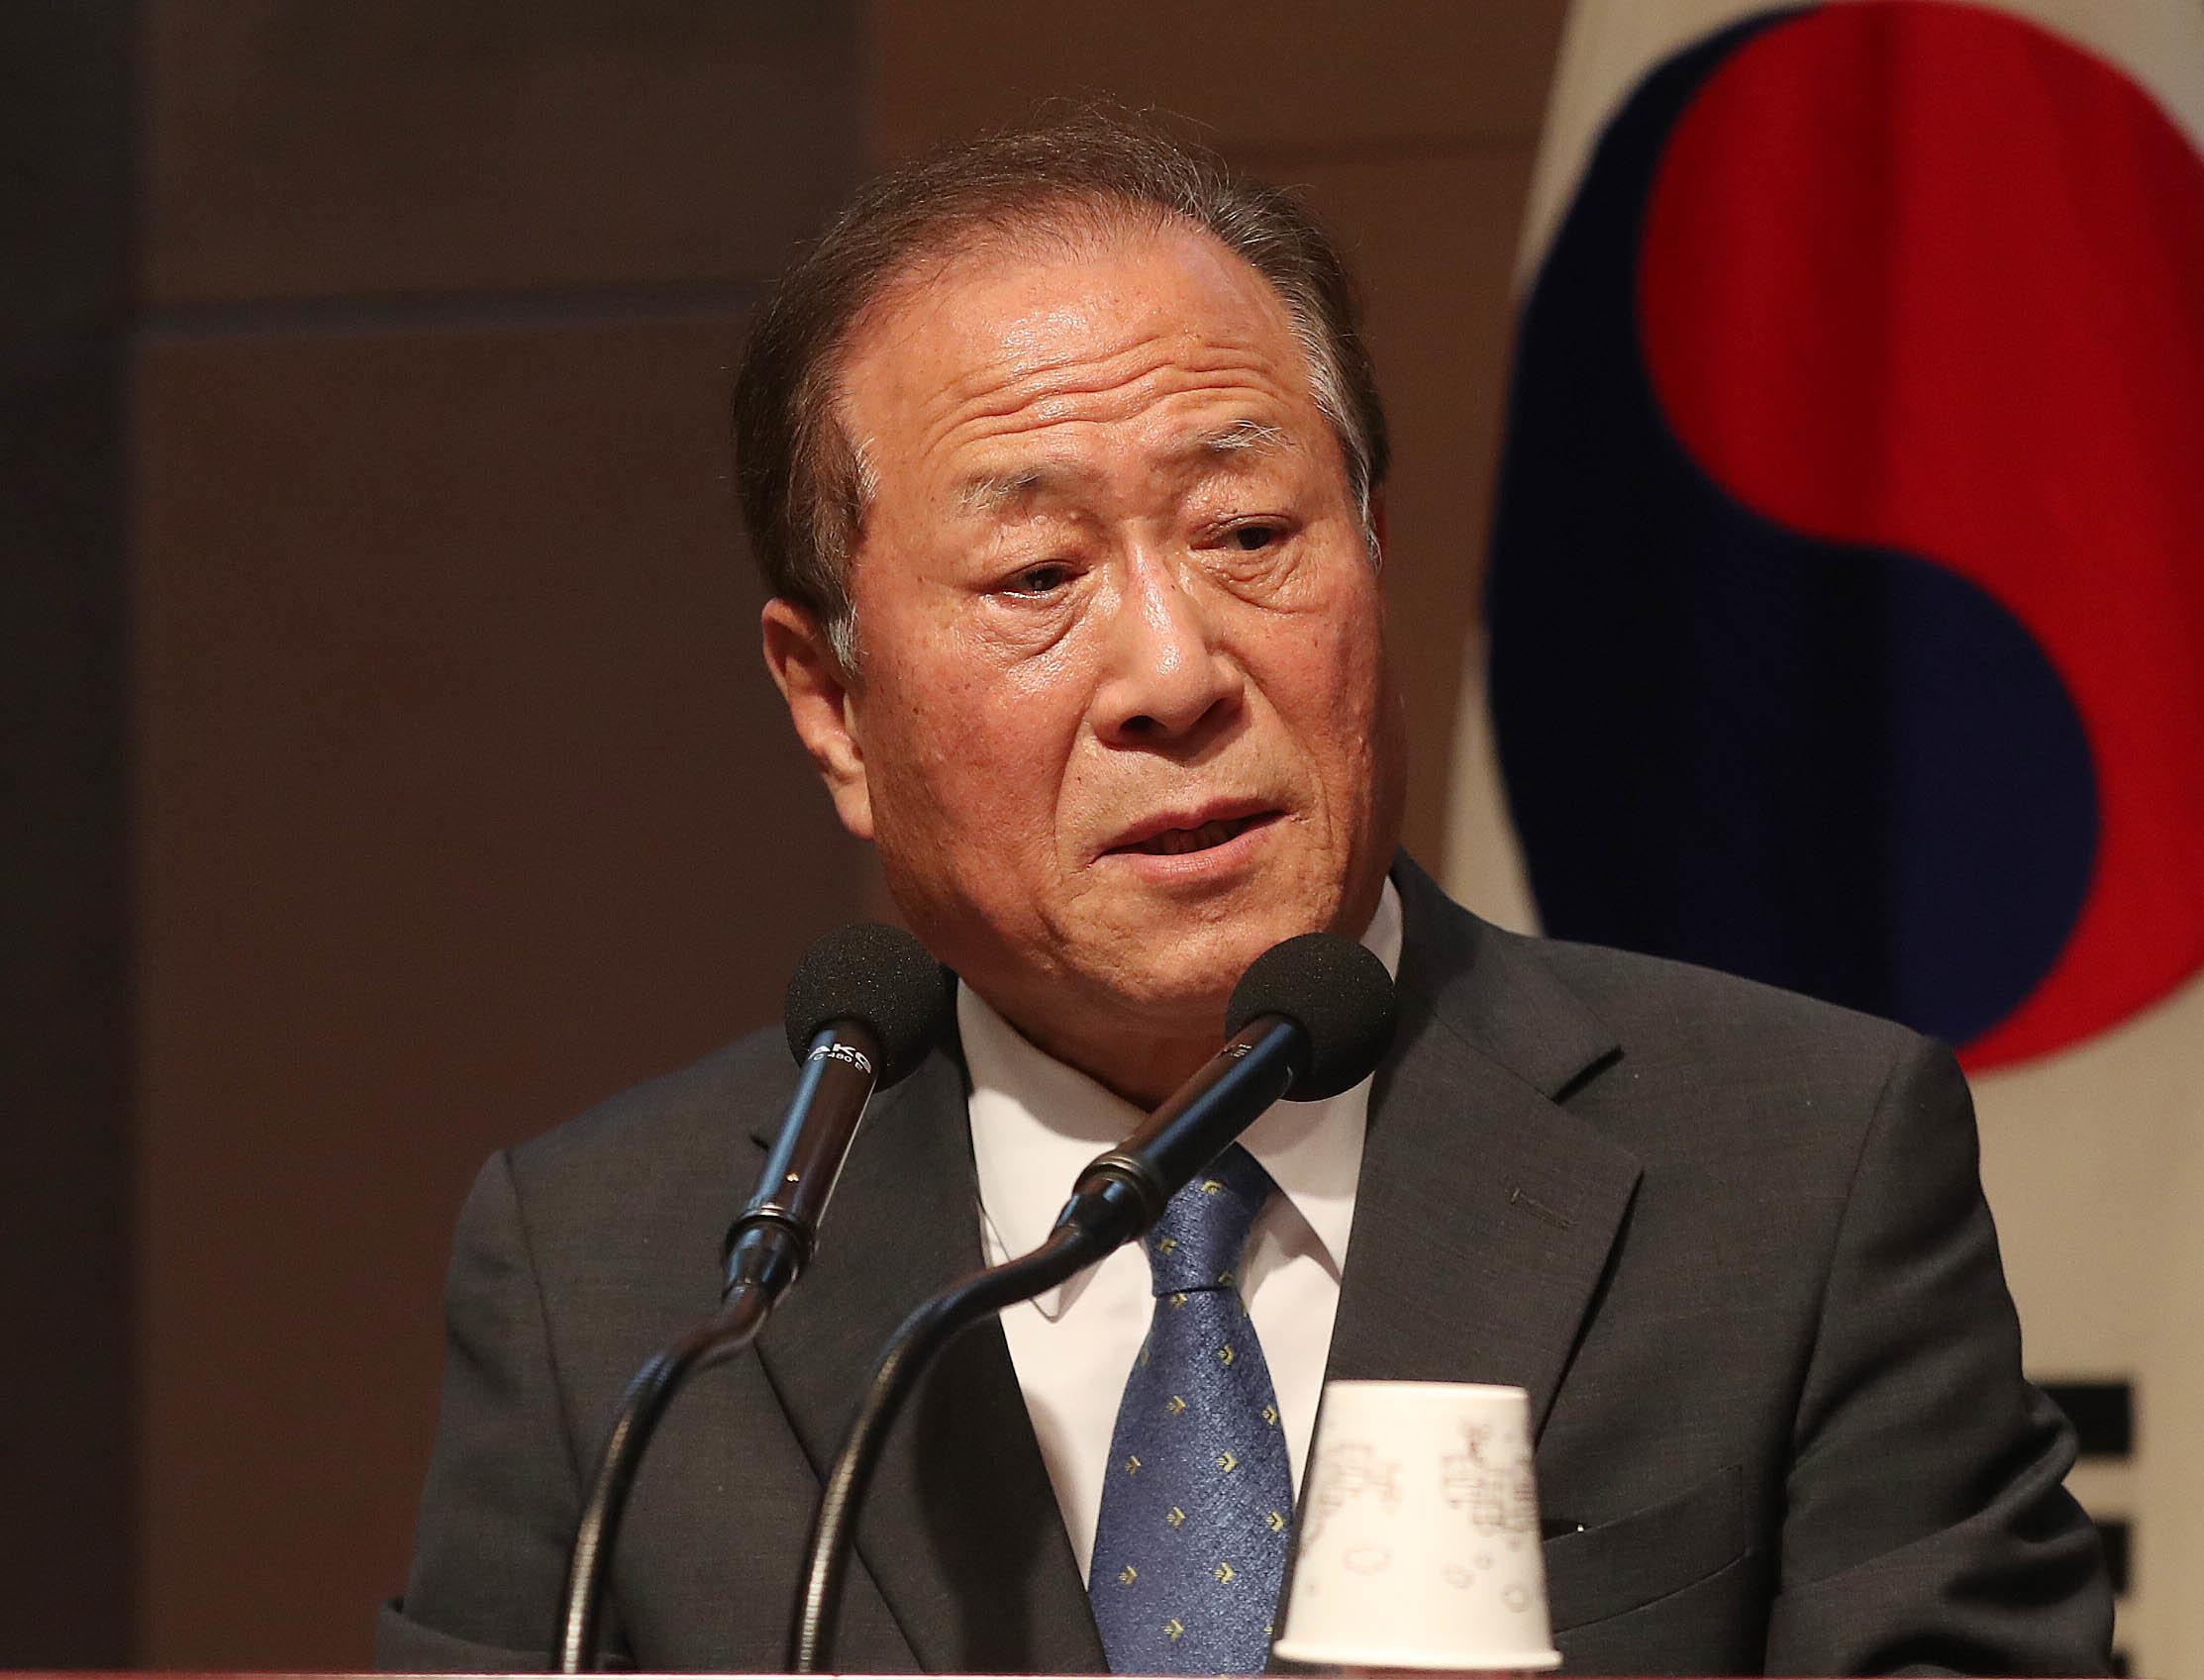 '북한을 어떻게 믿냐'는 주장에 대한 정세현 전 장관의 반박